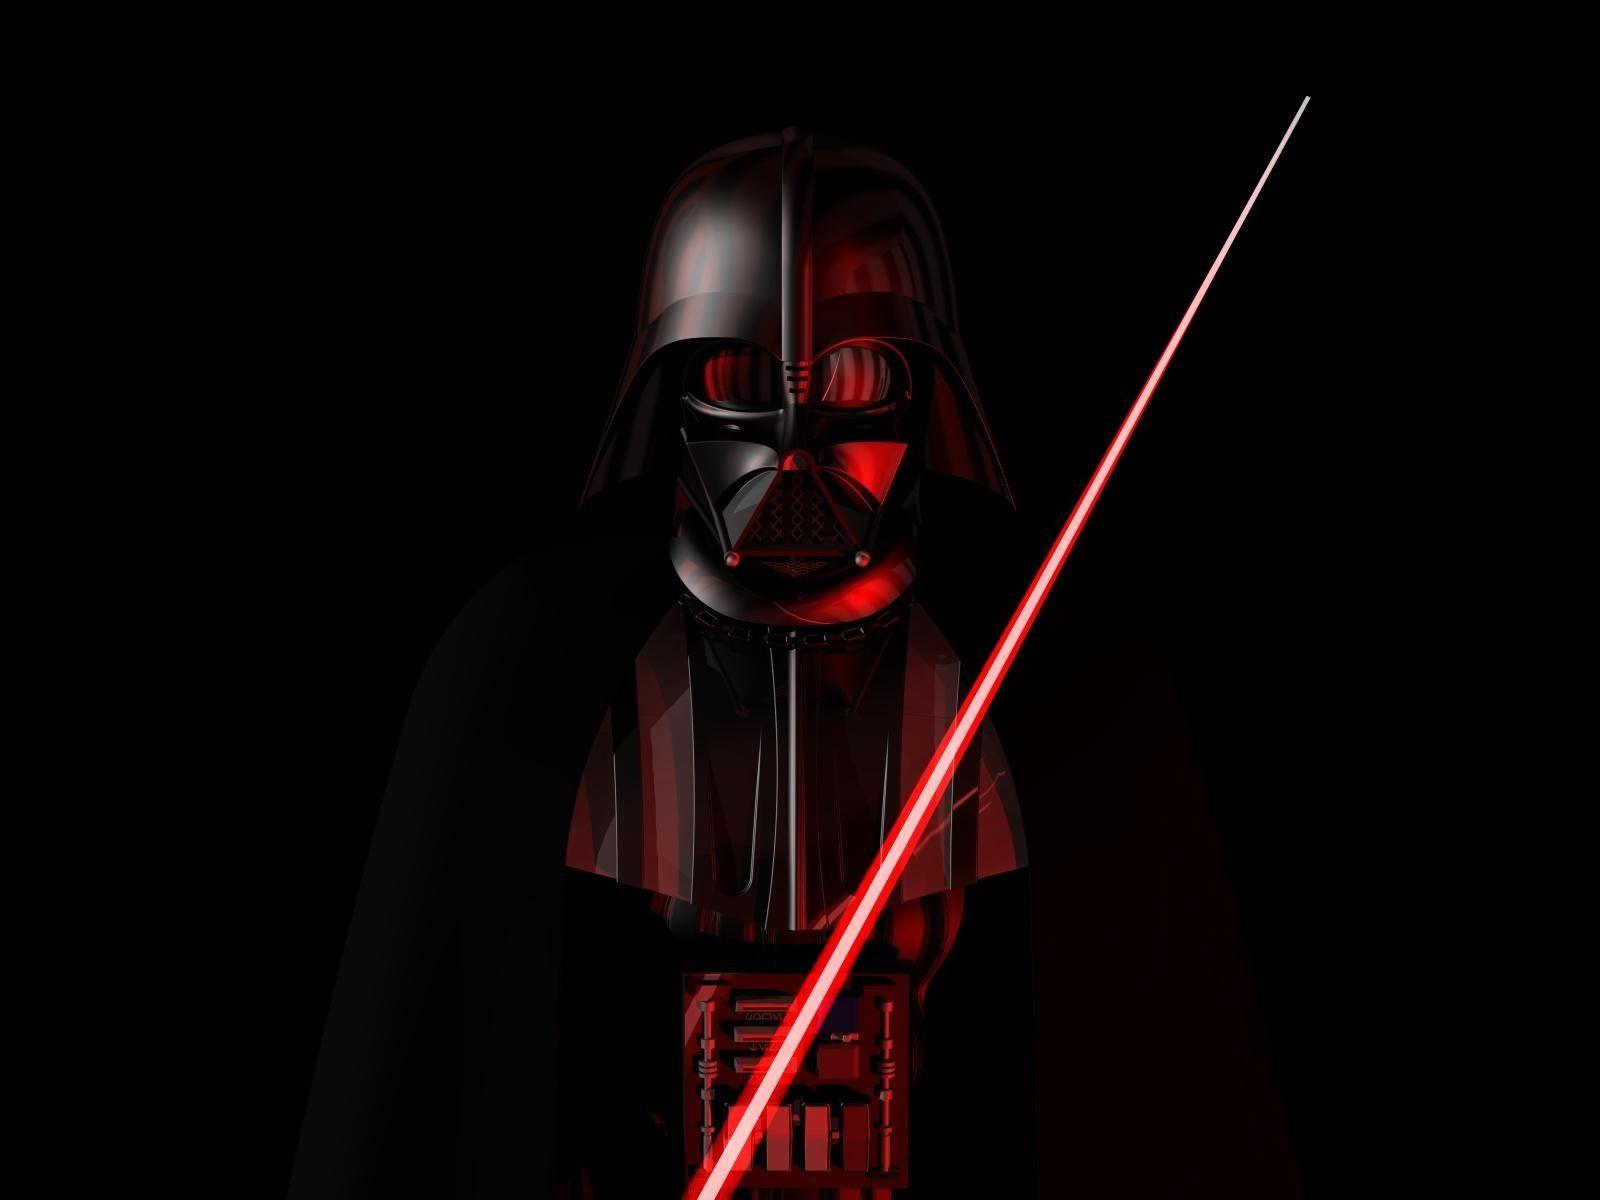 Star Wars Darth Vader Wallpaper For Desktop